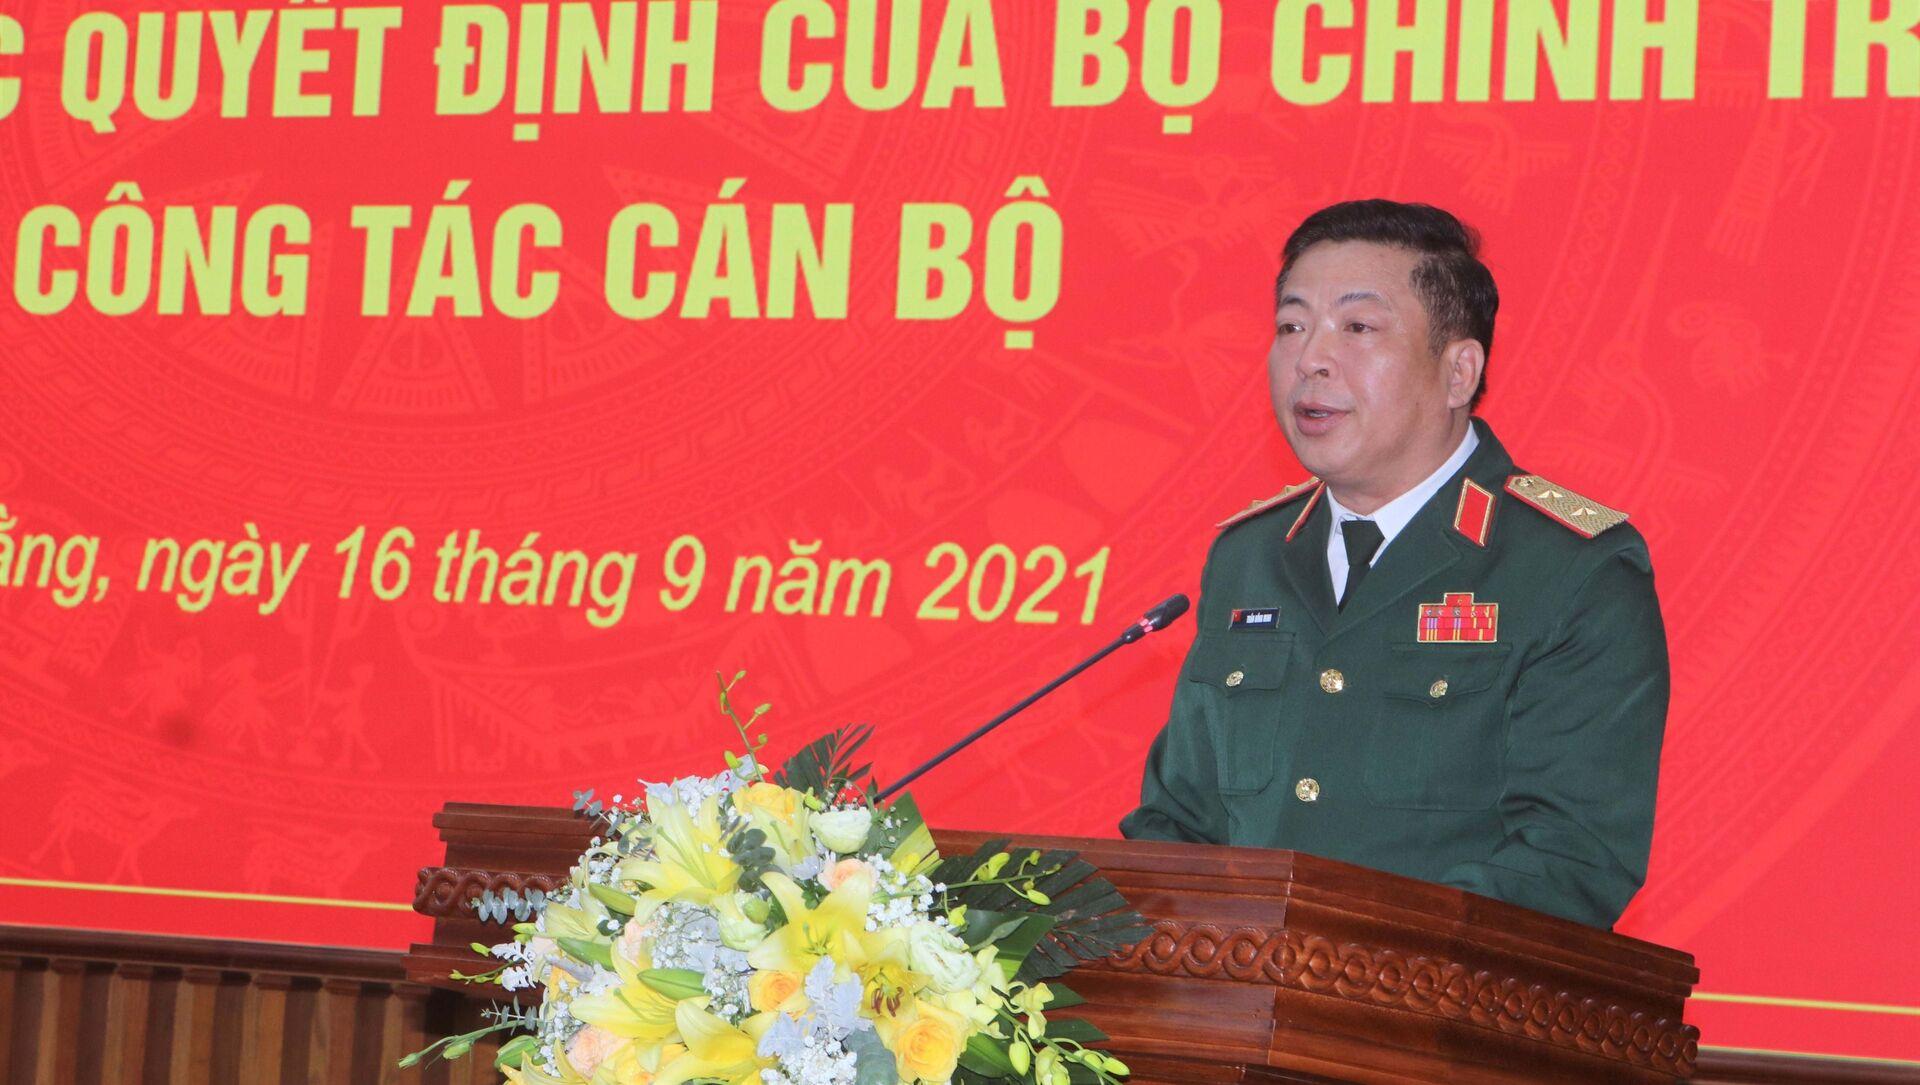 Bí thư Tỉnh ủy Cao Bằng Trần Hồng Minh phát biểu nhận nhiệm vụ - Sputnik Việt Nam, 1920, 16.09.2021